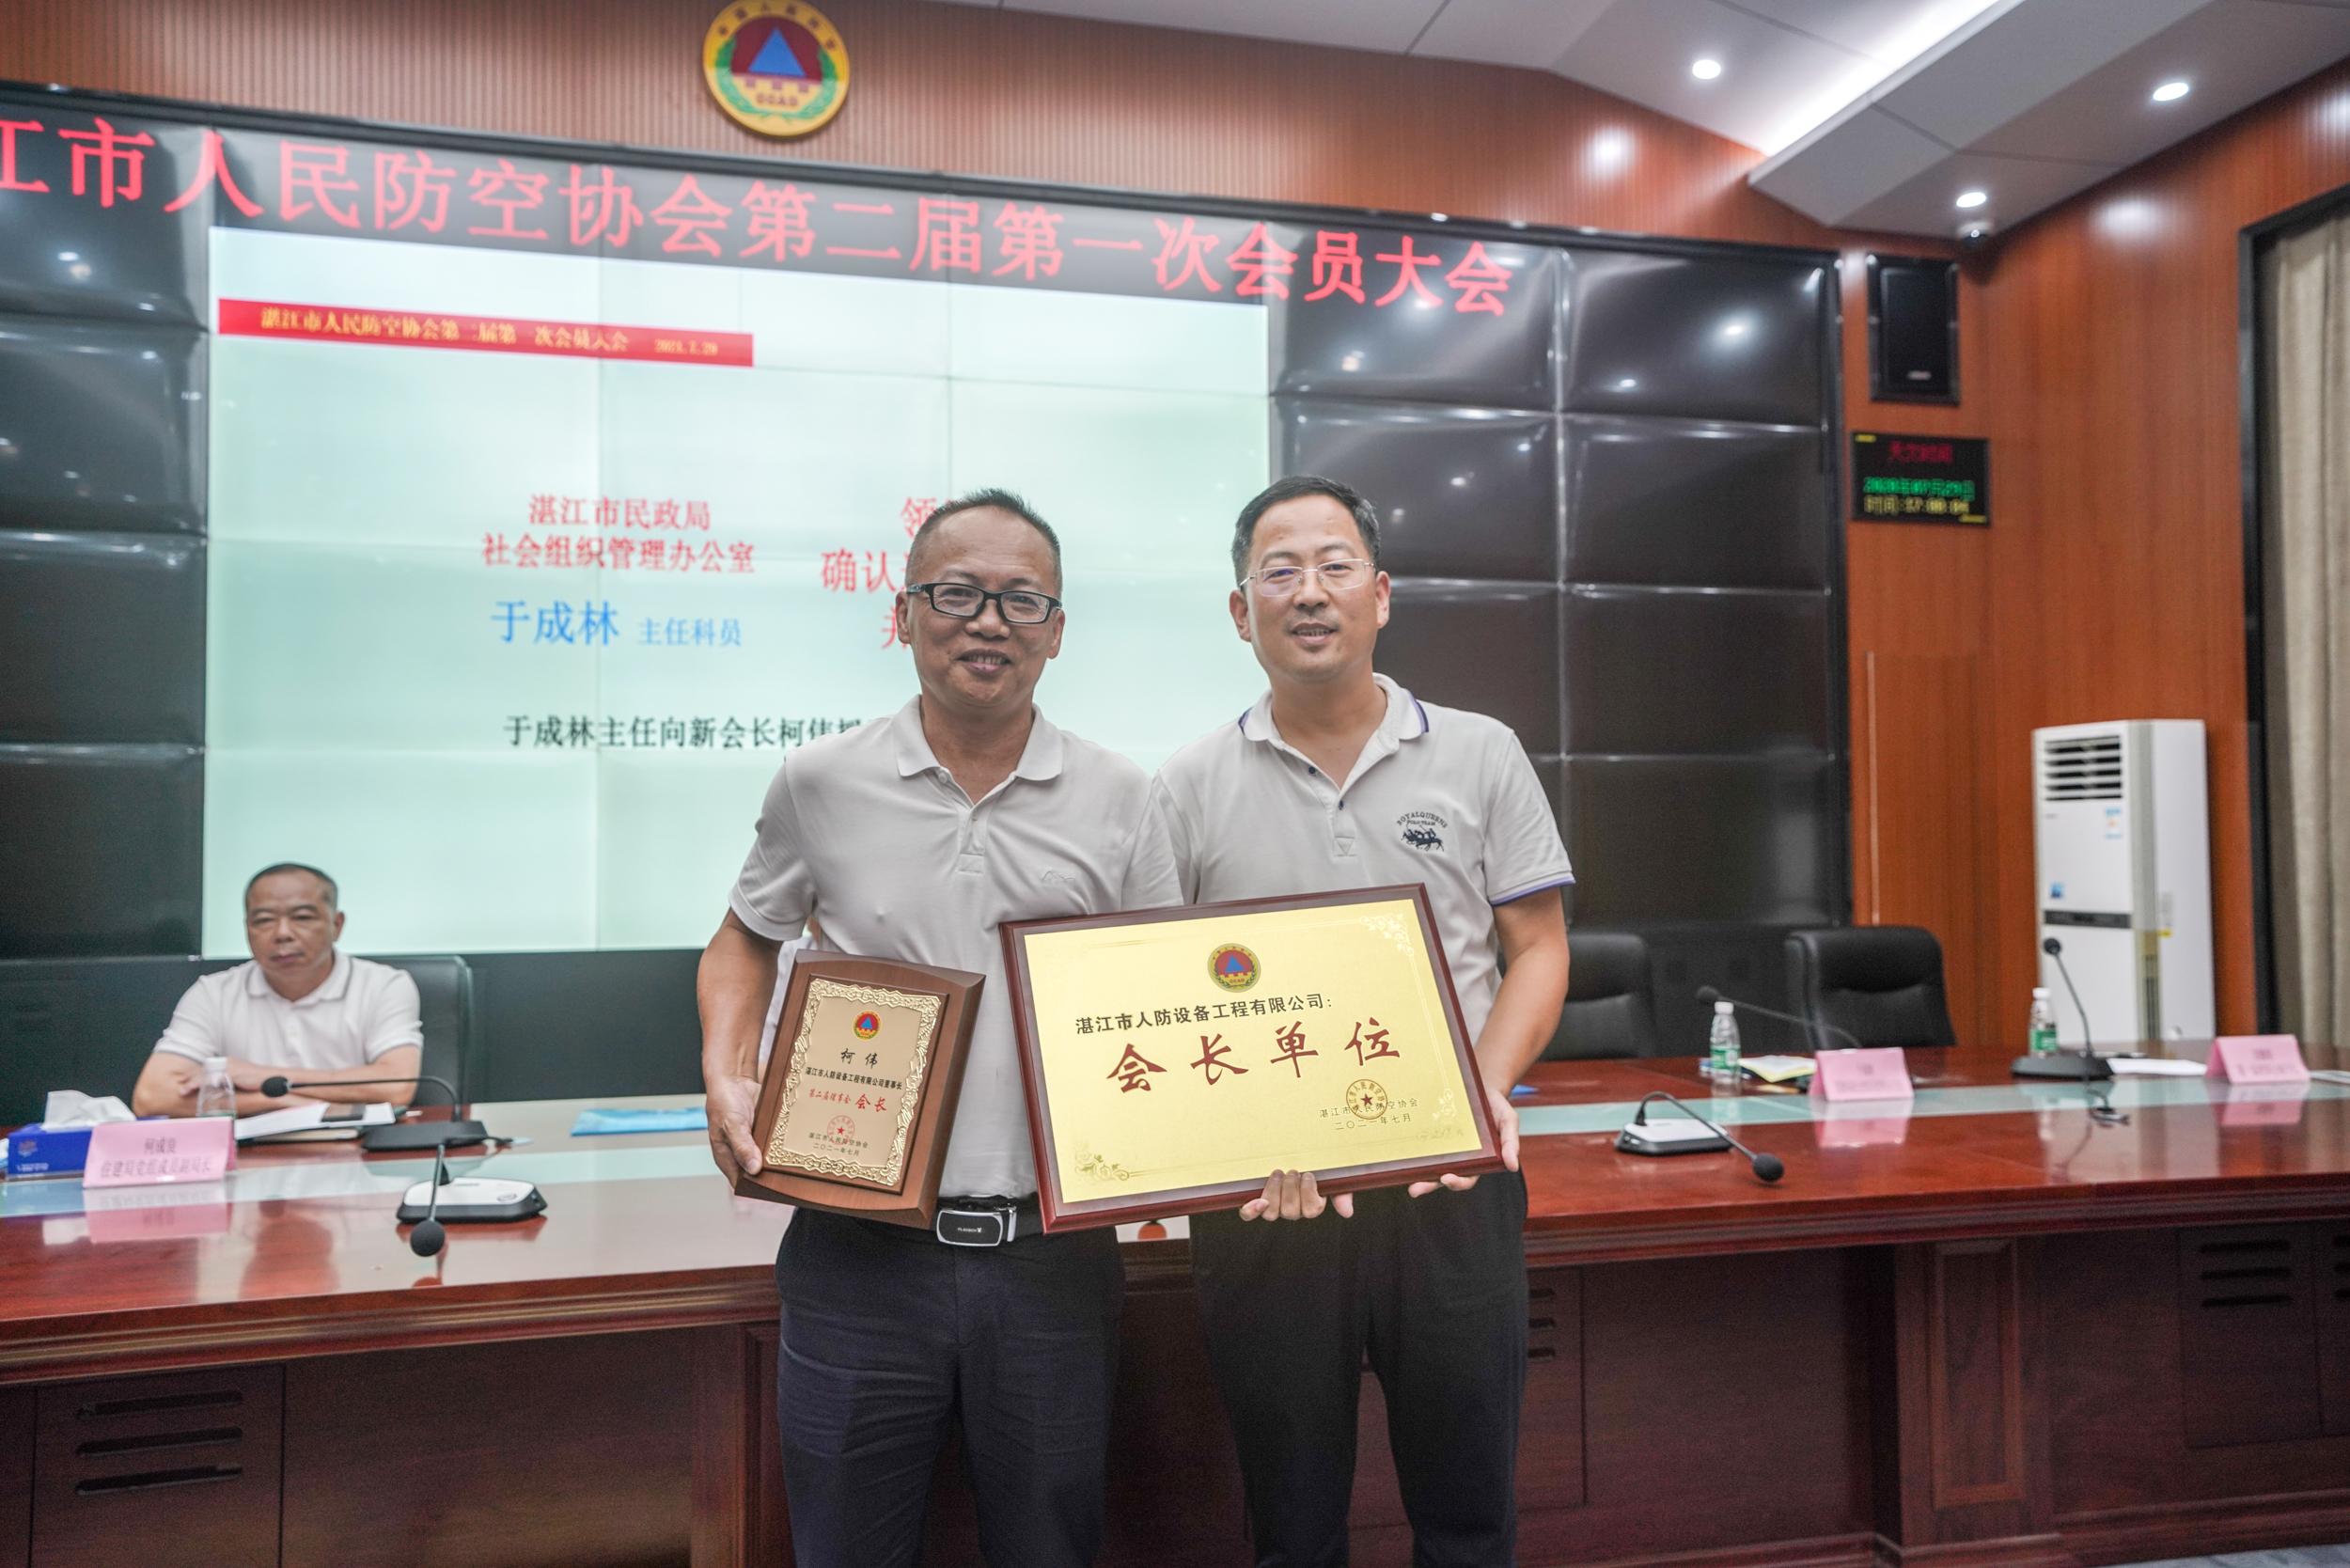 湛江市人民防空协会第二届第一次会员大会顺利召开